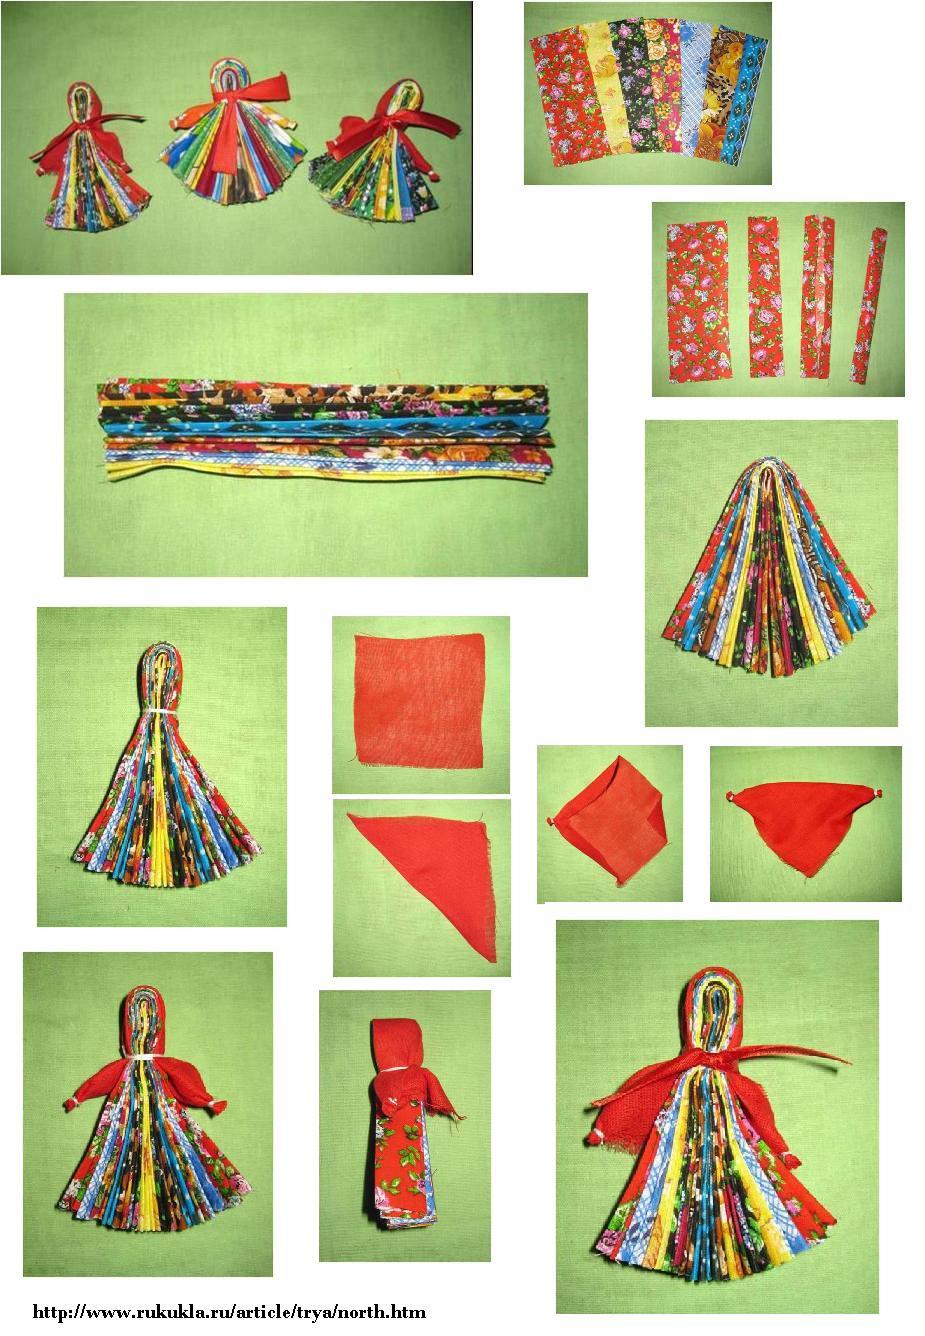 muñecas, talismanes, dolls, rusos, mágico, amuletos, labores